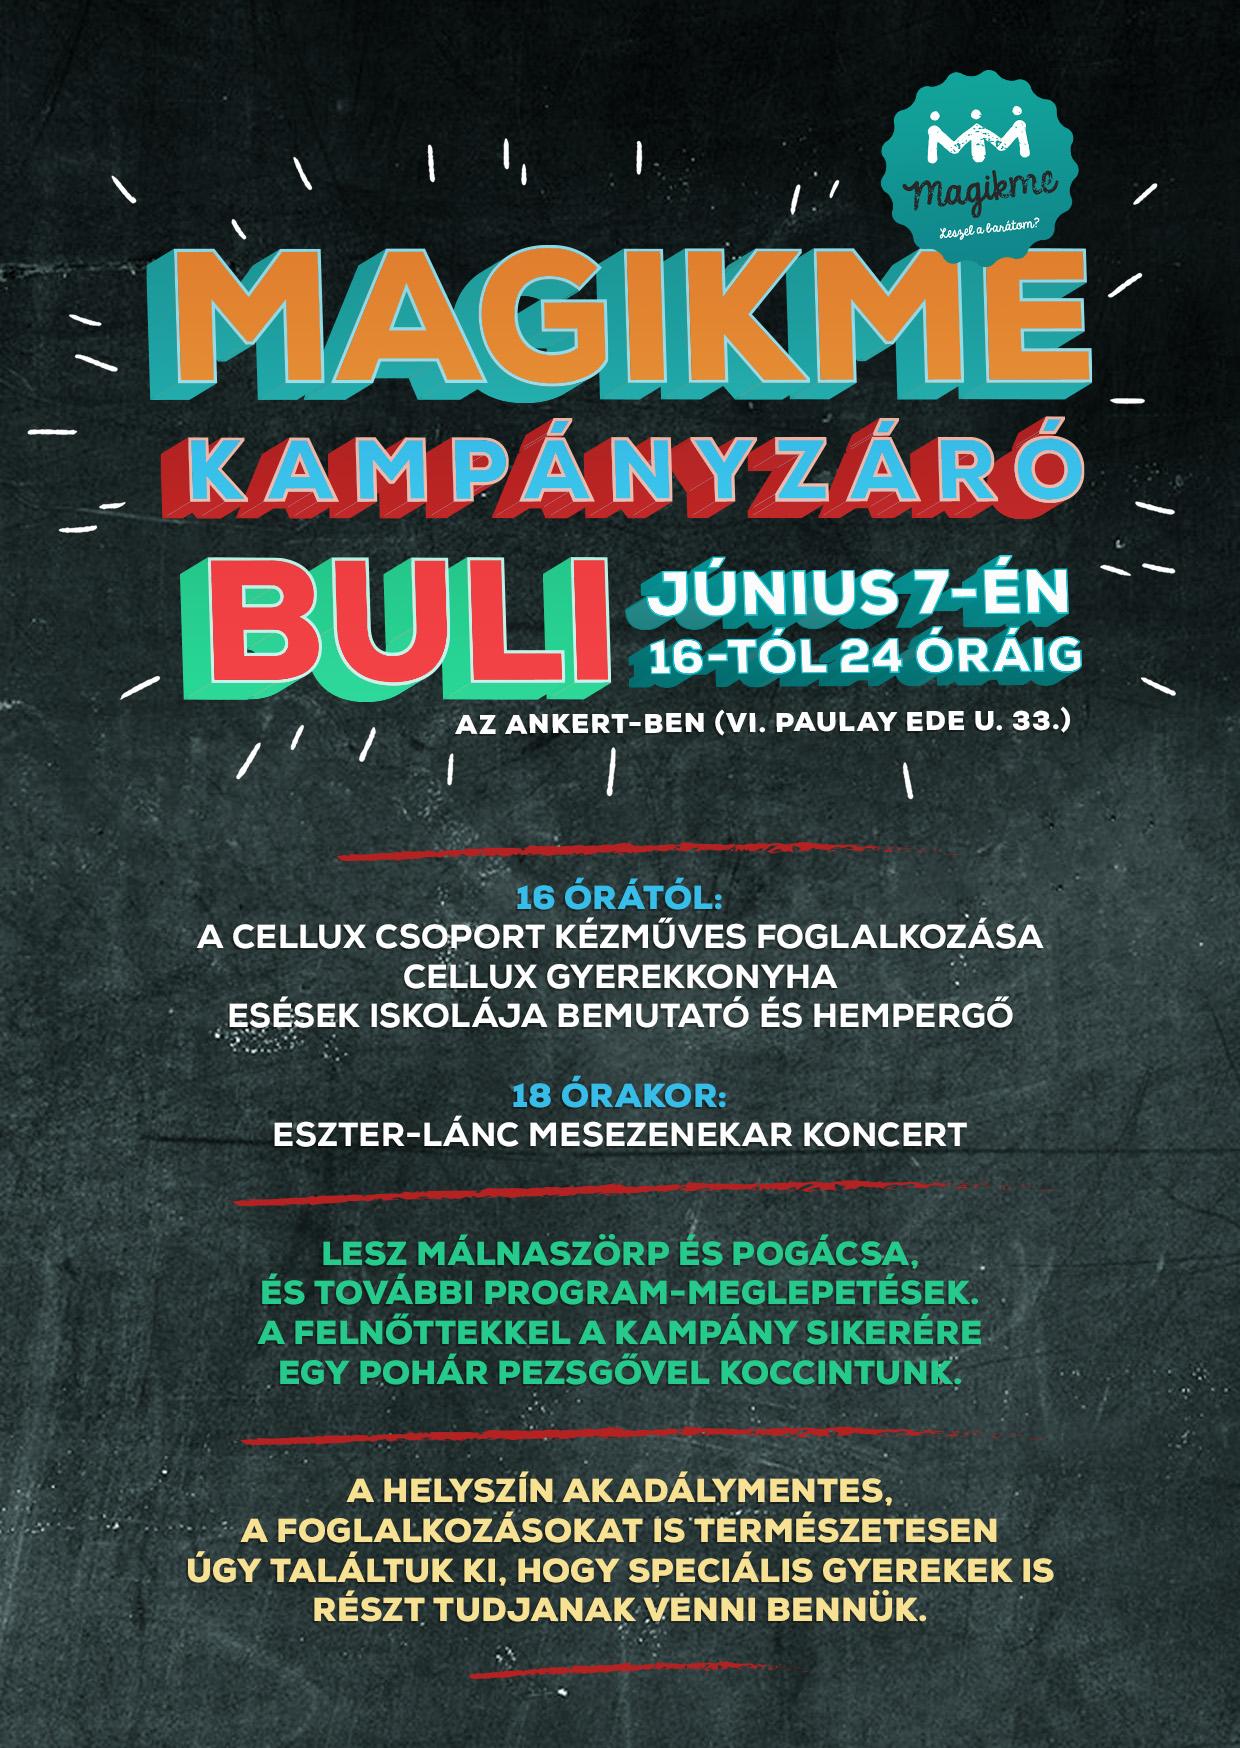 magikme_kampanyzaro_szorolap_150531_v4.jpg